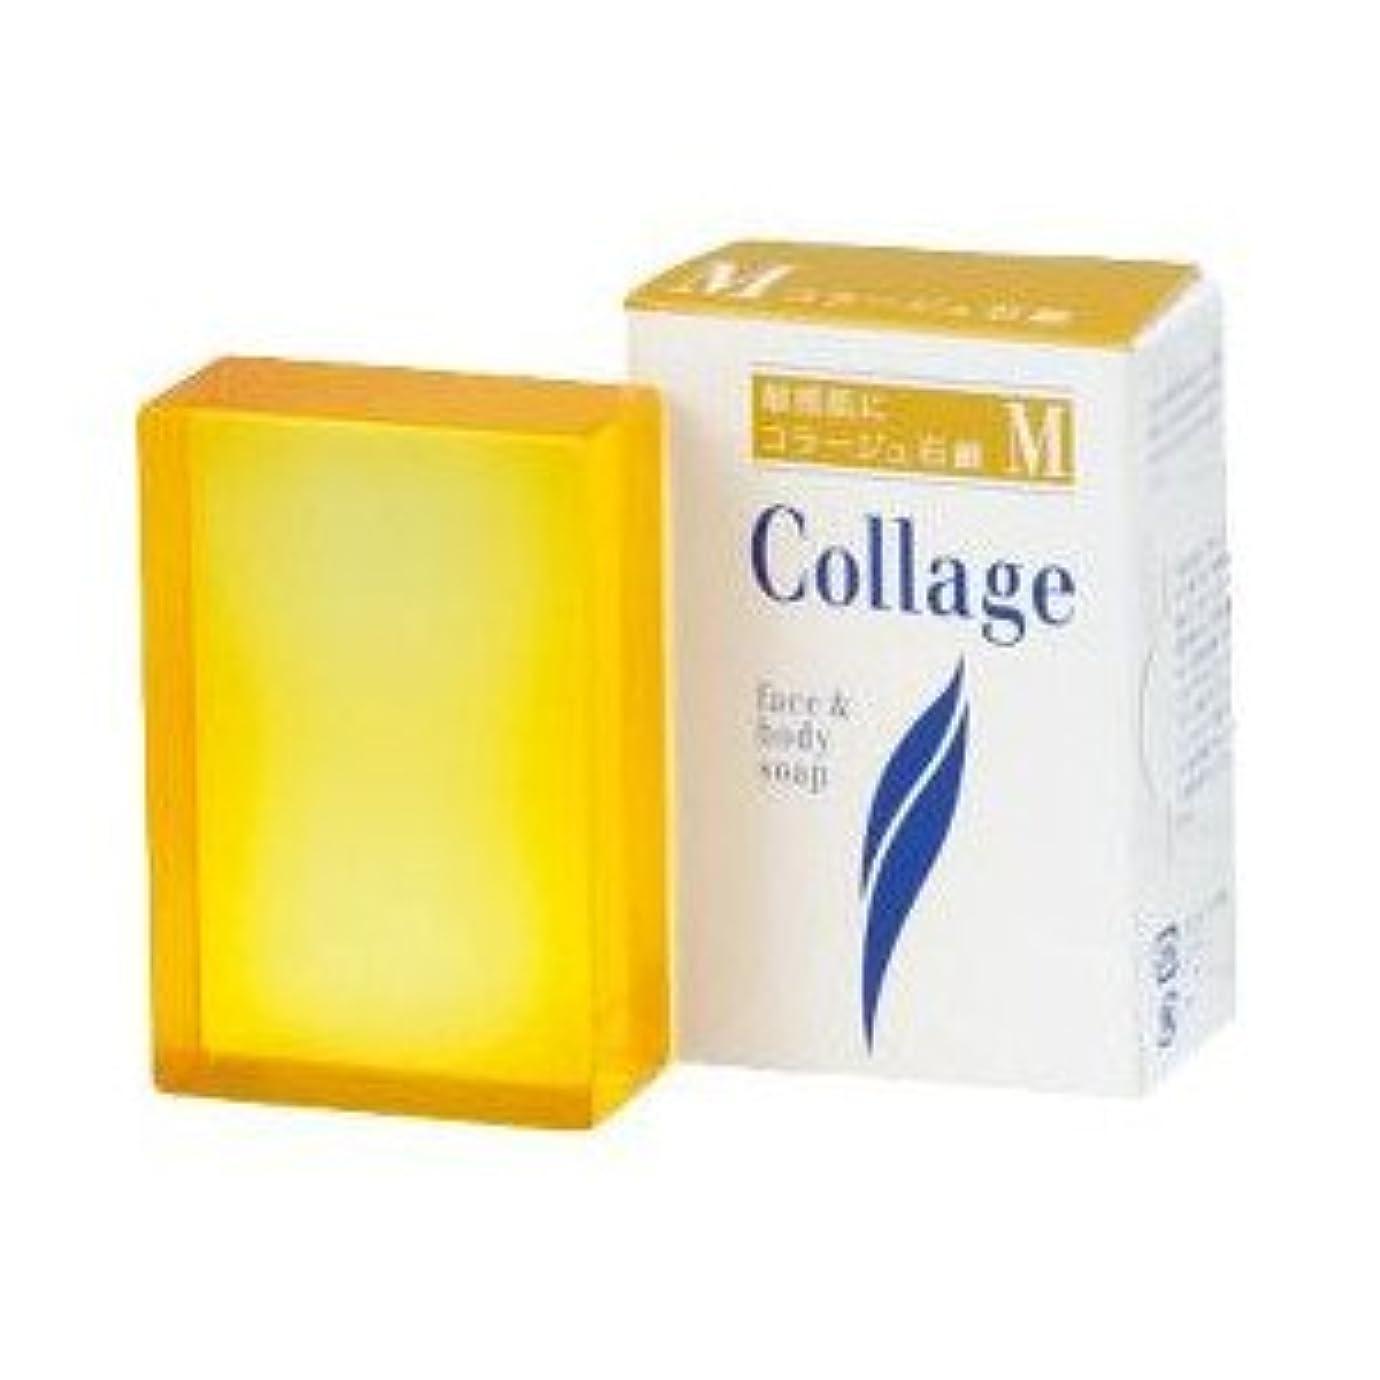 高架差別する仕方(持田ヘルスケア)コラージュM石鹸 100g(お買い得3個セット)